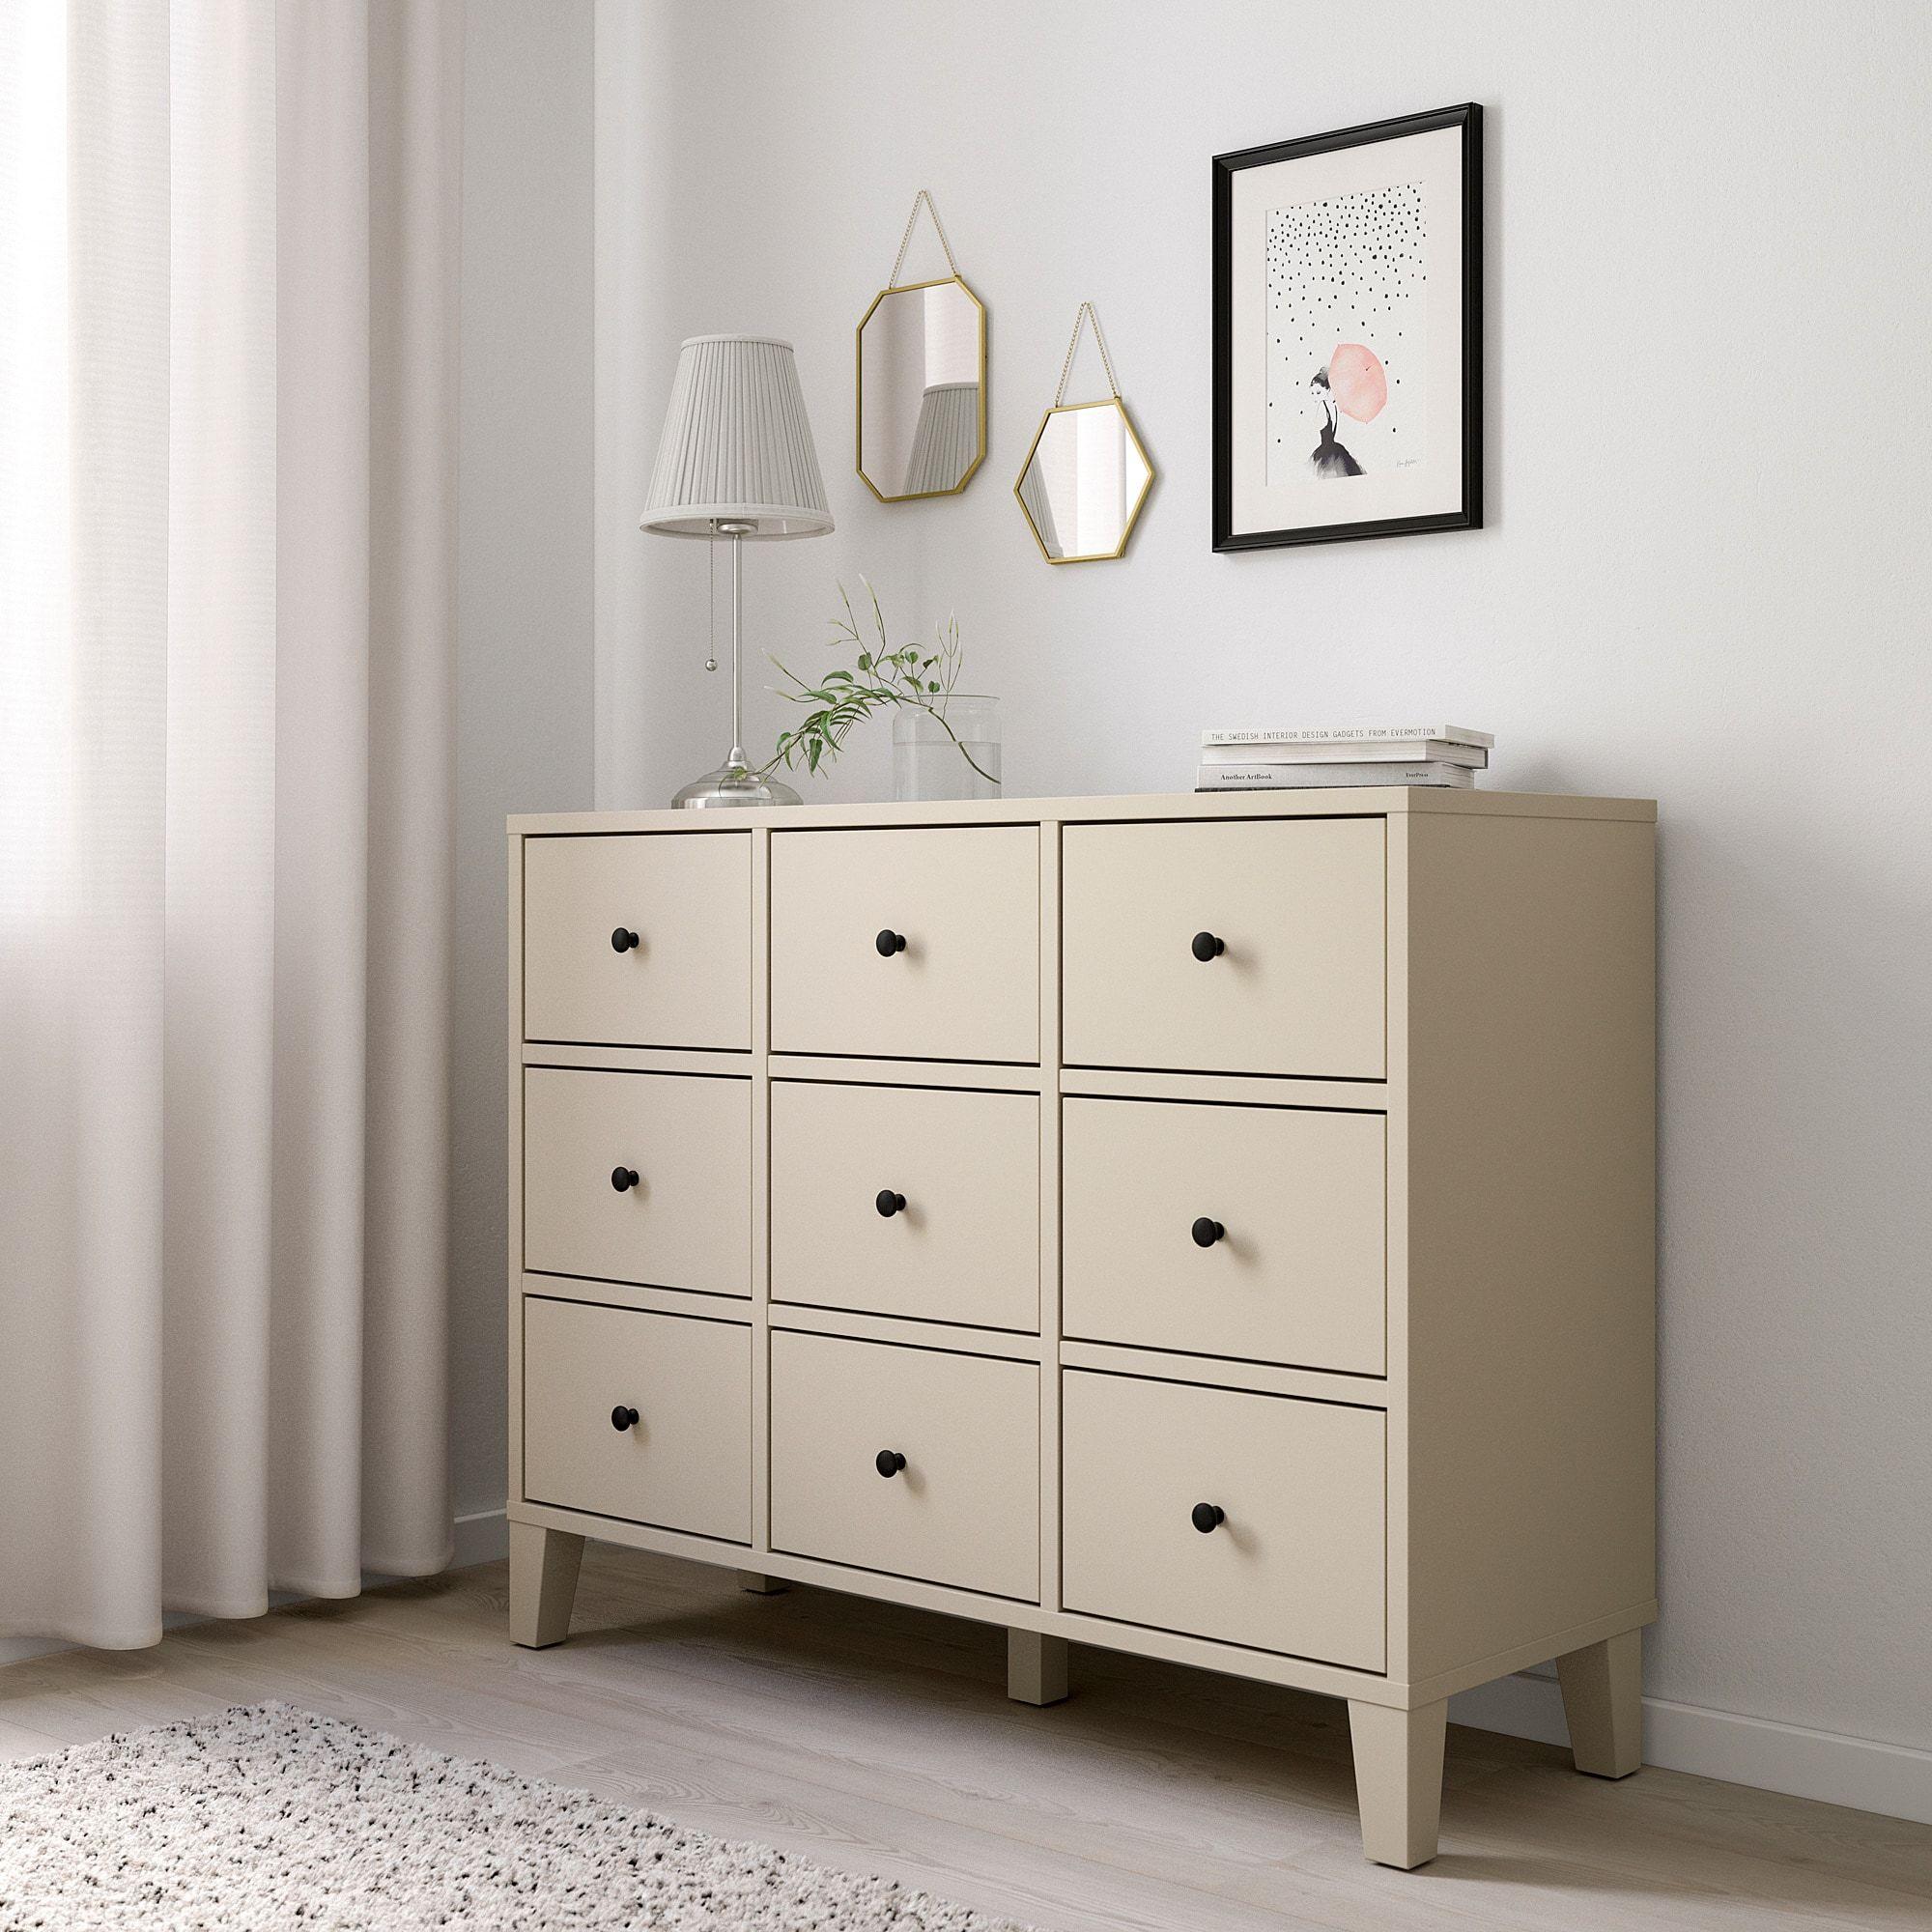 Bryggja Comoda C 9 Gavetas Bege 118x92 Cm Ikea In 2021 Ikea Chest Of Drawers Ikea Bryggja Beige Dresser Furniture